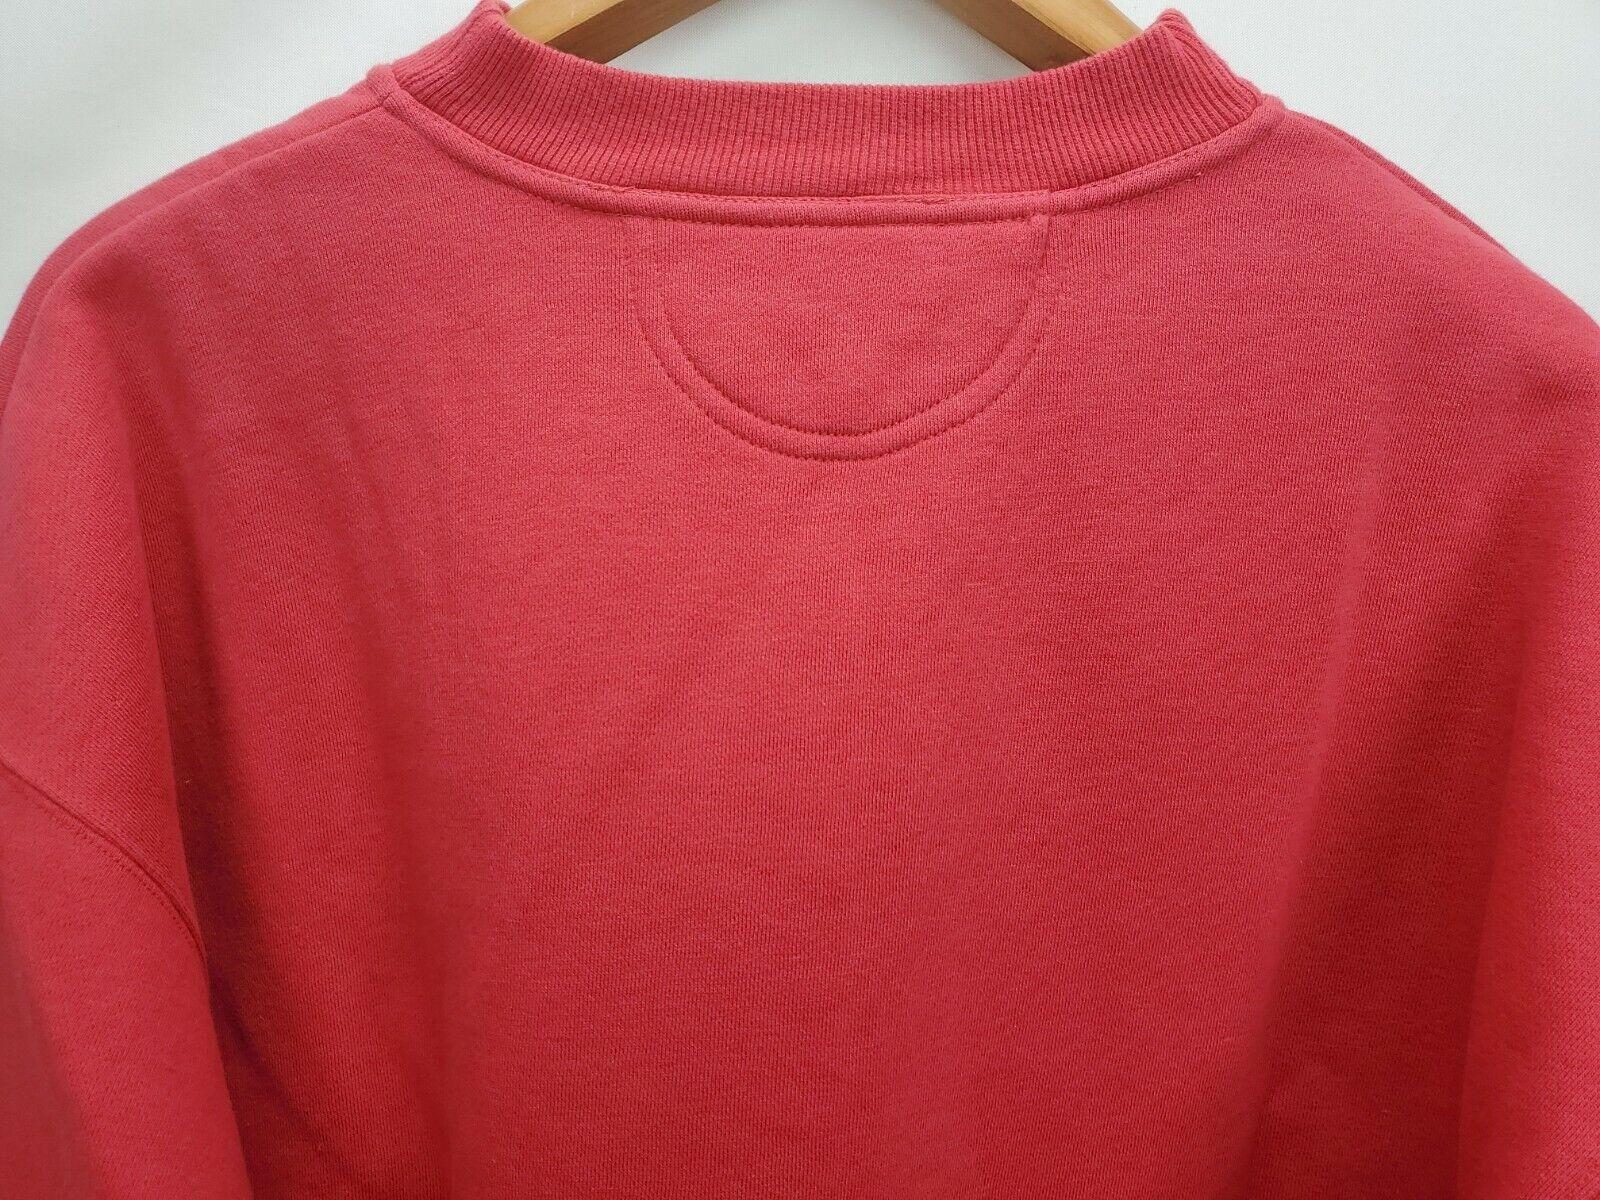 Vintage Levis Big E Sweatshirt Mens Size Large Re… - image 6